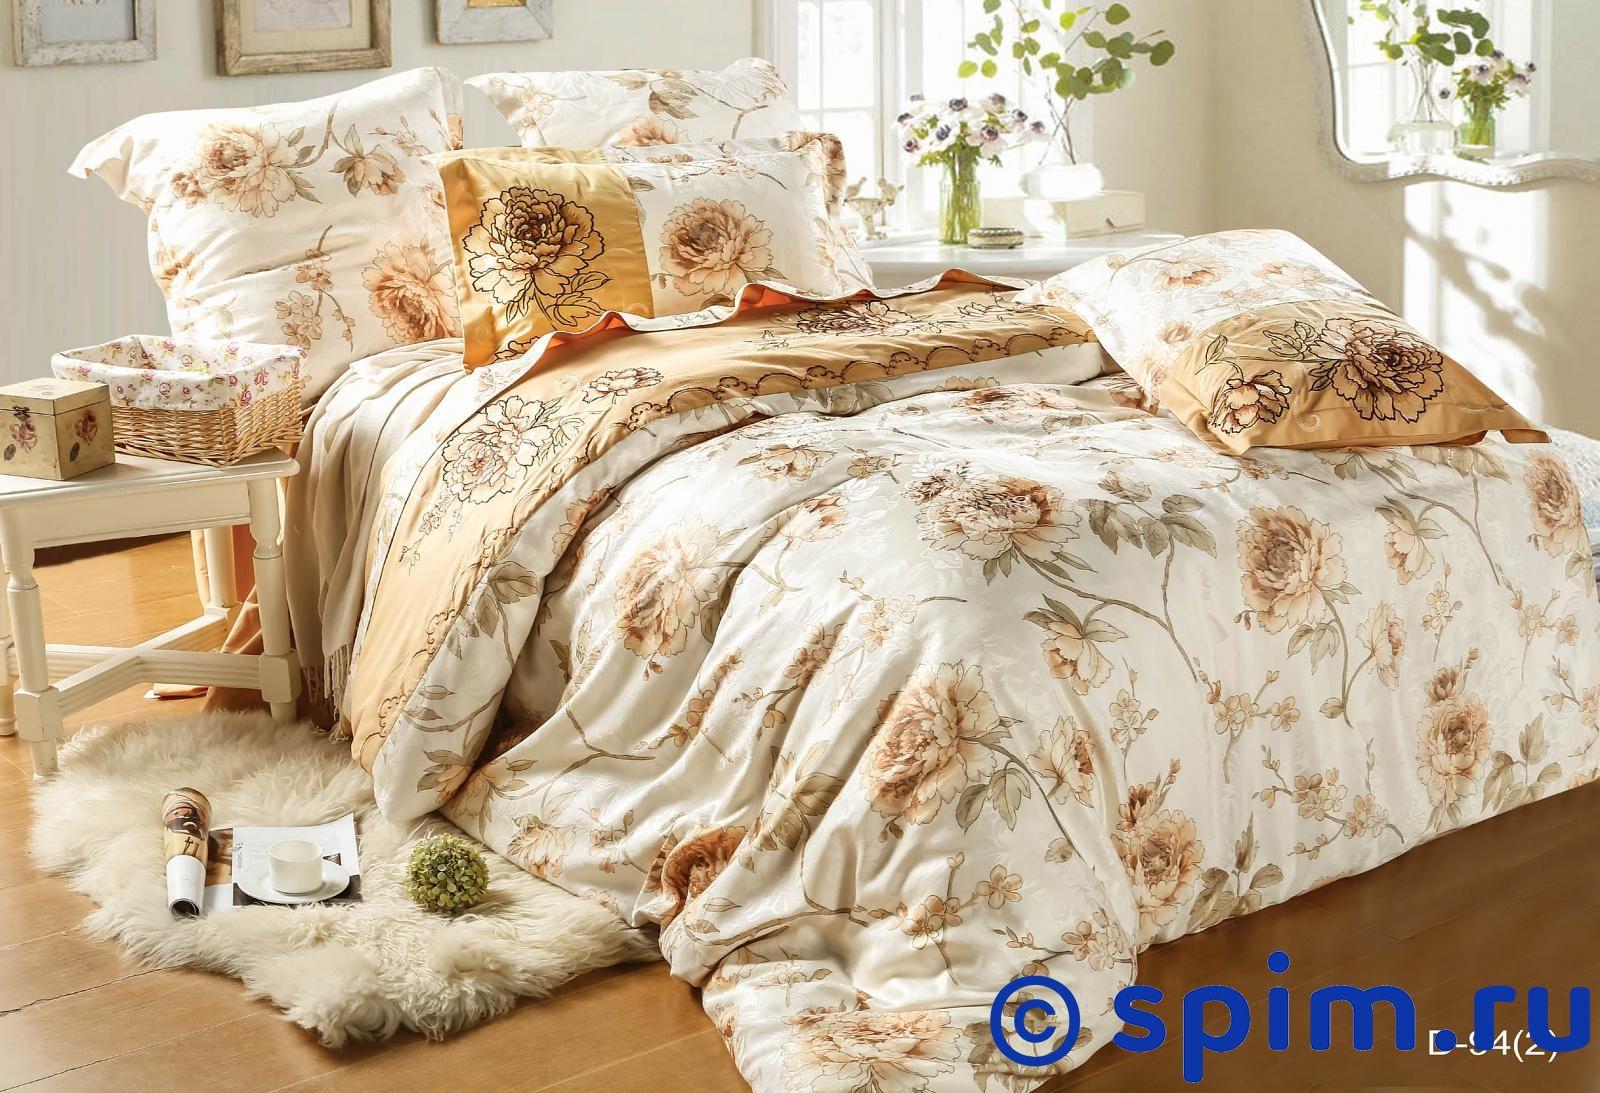 Комплект СайлиД D94 (2) СемейноеПостельное белье СайлиД с вышивкой<br>Материал: 100% хлопок (сатин) с вышивкой. Плотность, г/м2: 135. Размер Sailid Д: Семейное<br><br>Размер: Семейное